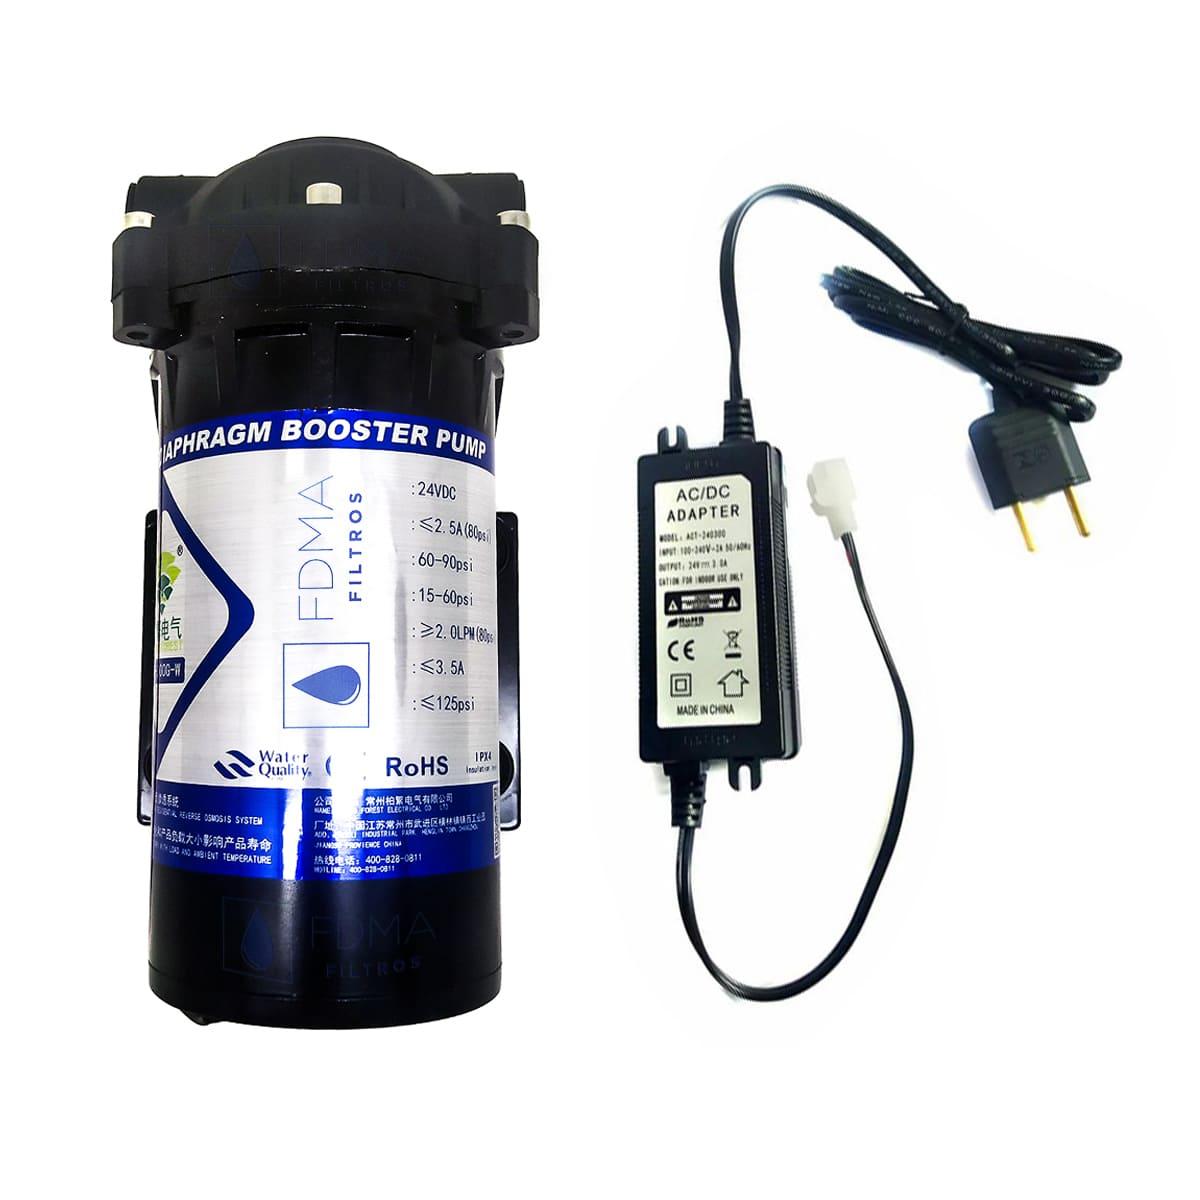 Bomba Pressurizada 300gpd + fonte Bilvolt Concector Incerto